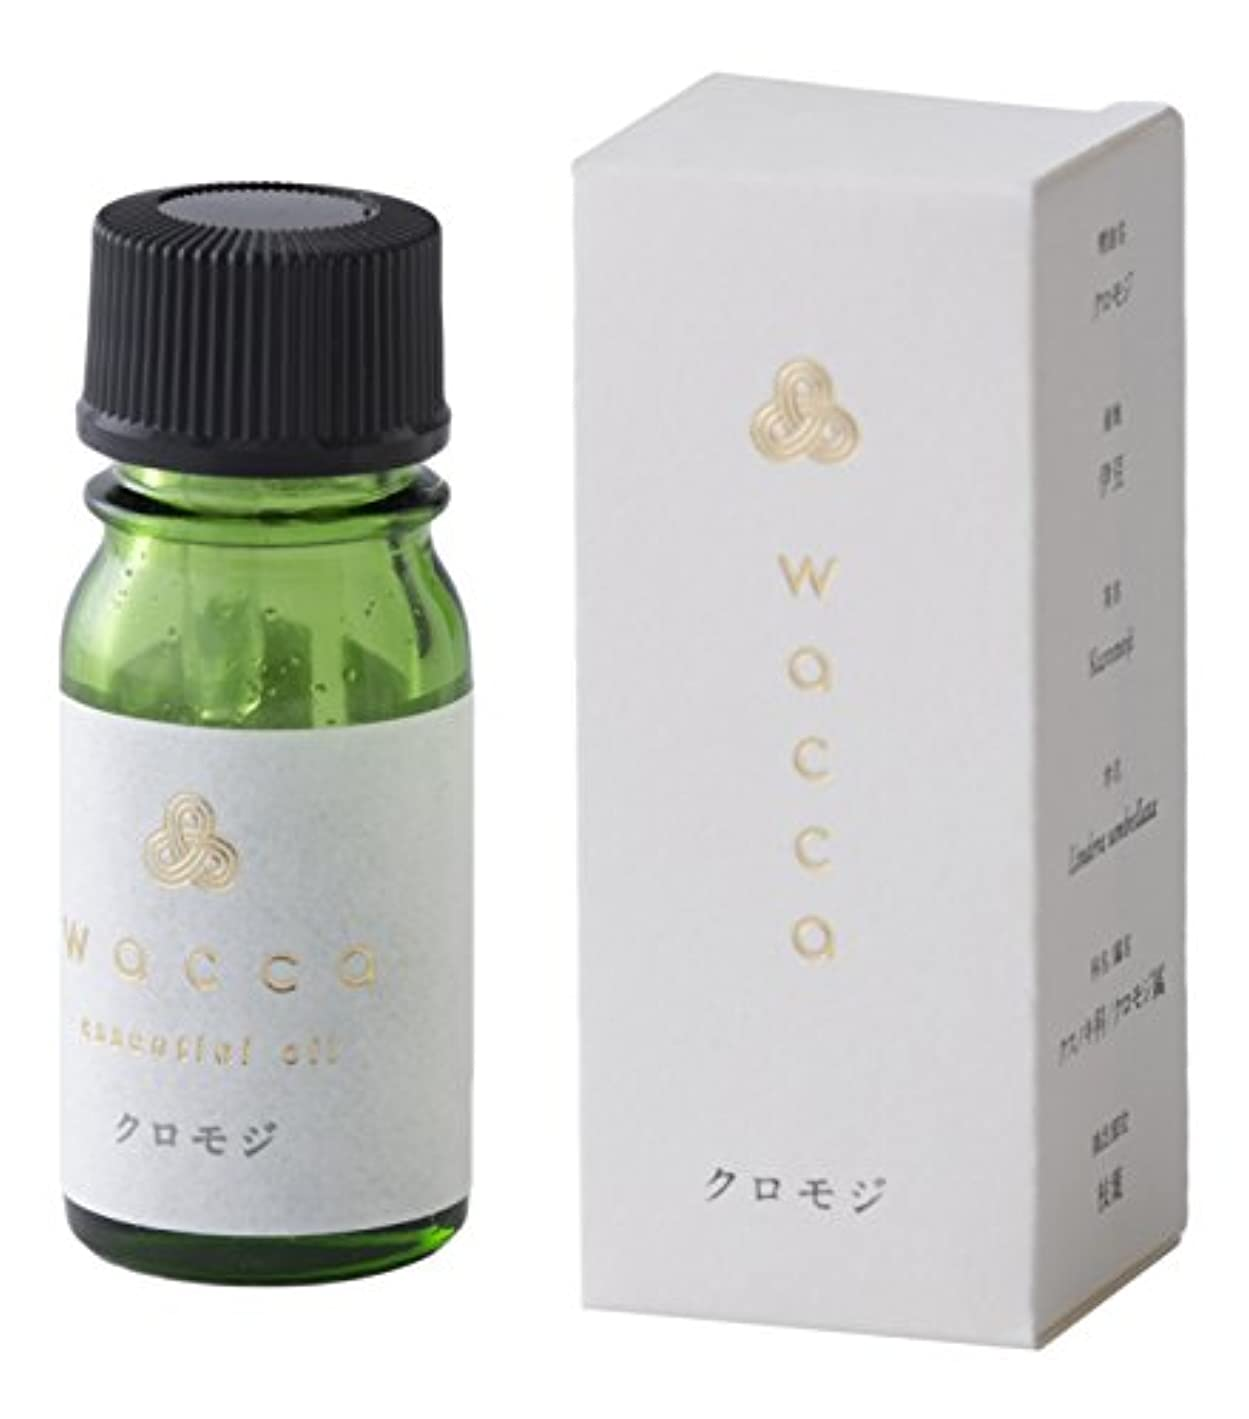 ハチ光指定wacca ワッカ エッセンシャルオイル 3ml 黒文字 クロモジ Kuromoji essential oil 和精油 KUSU HANDMADE